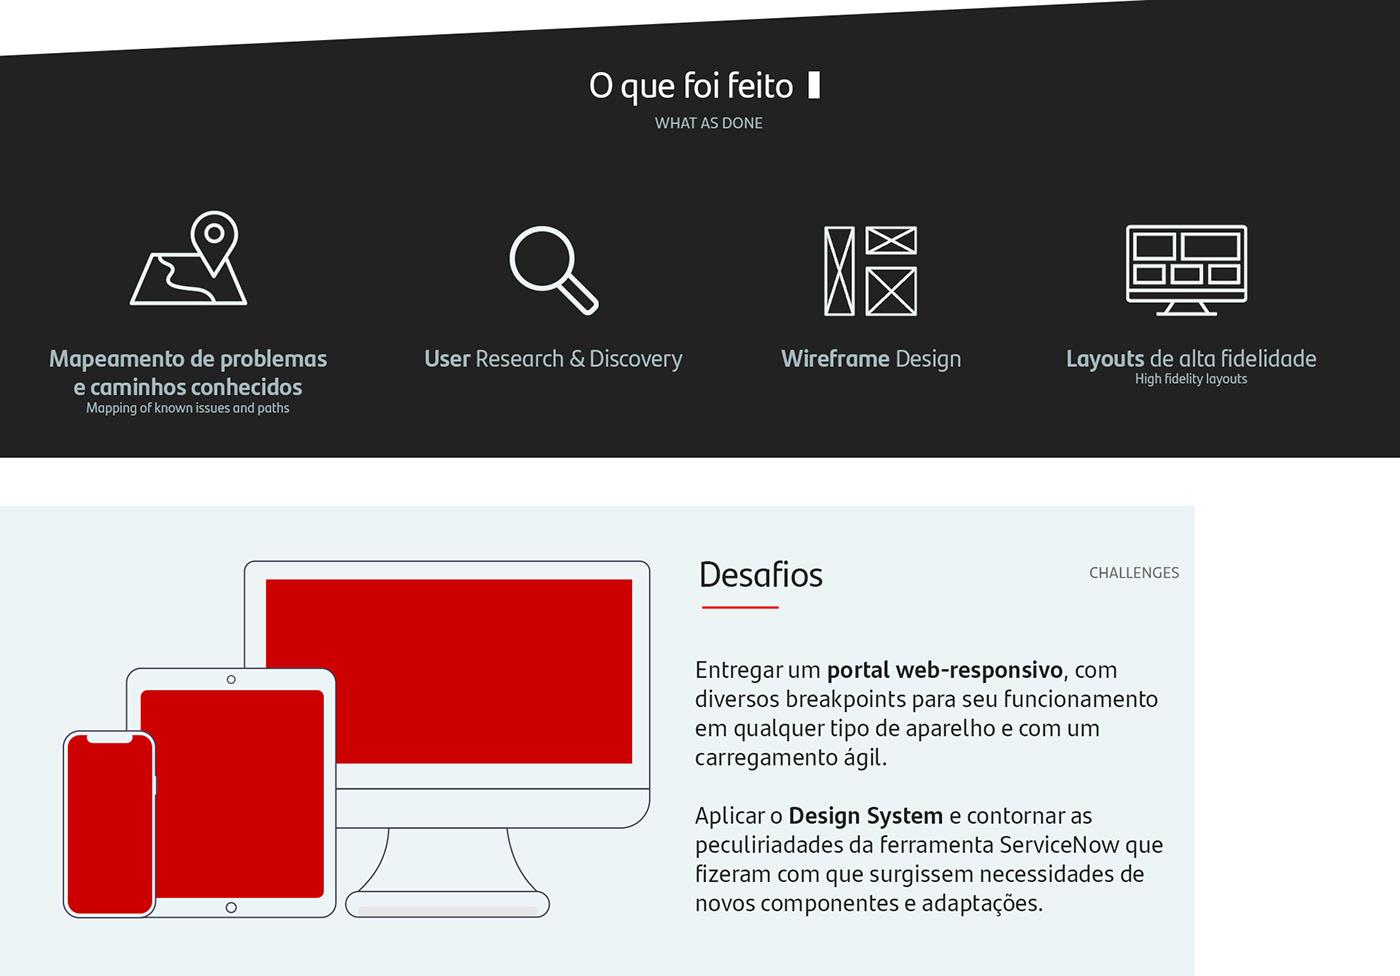 Bank design digital Fintech service portal servicenow Technology user experience user interface